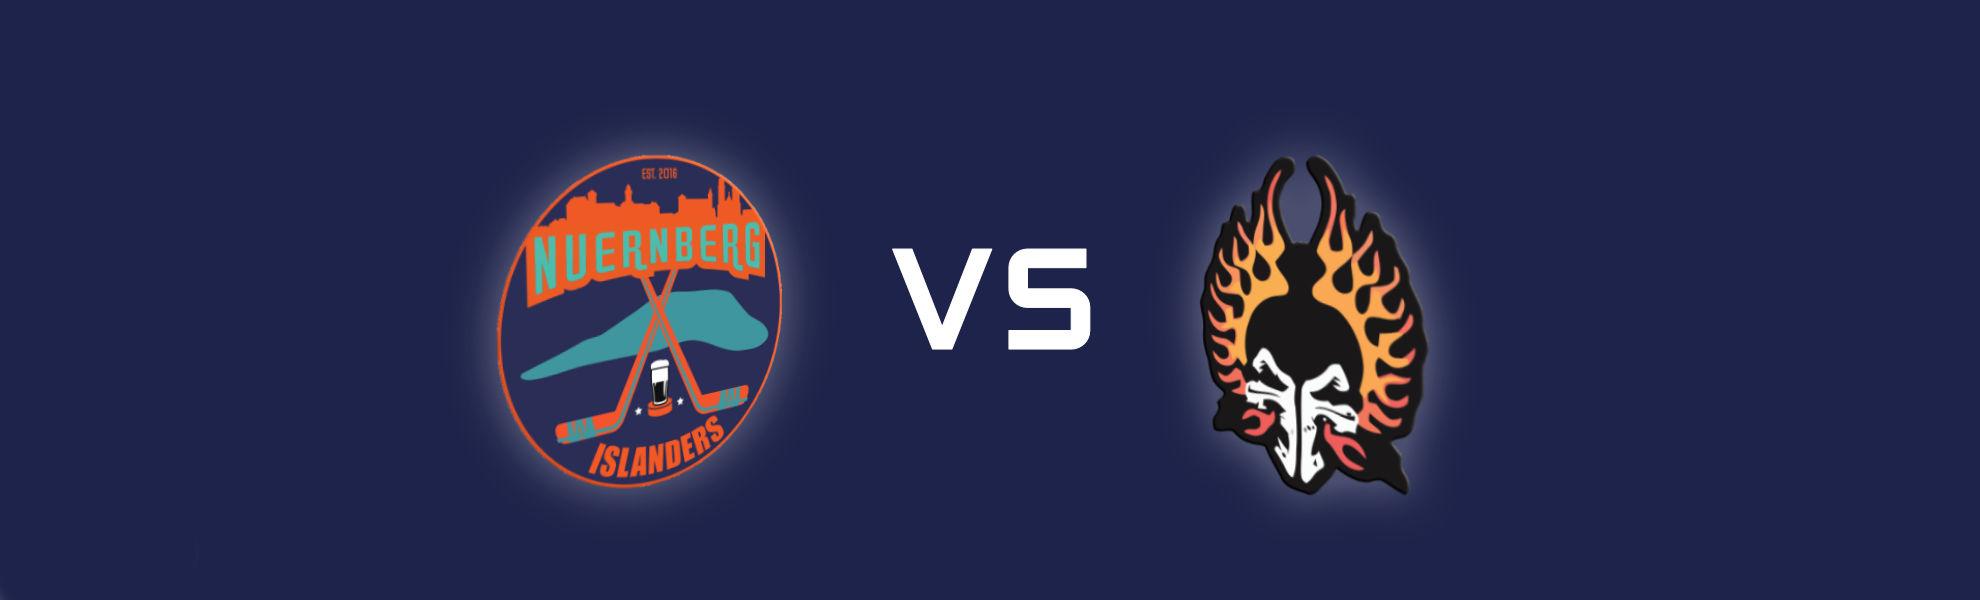 Nürnberg Islanders vs Flames Mixed